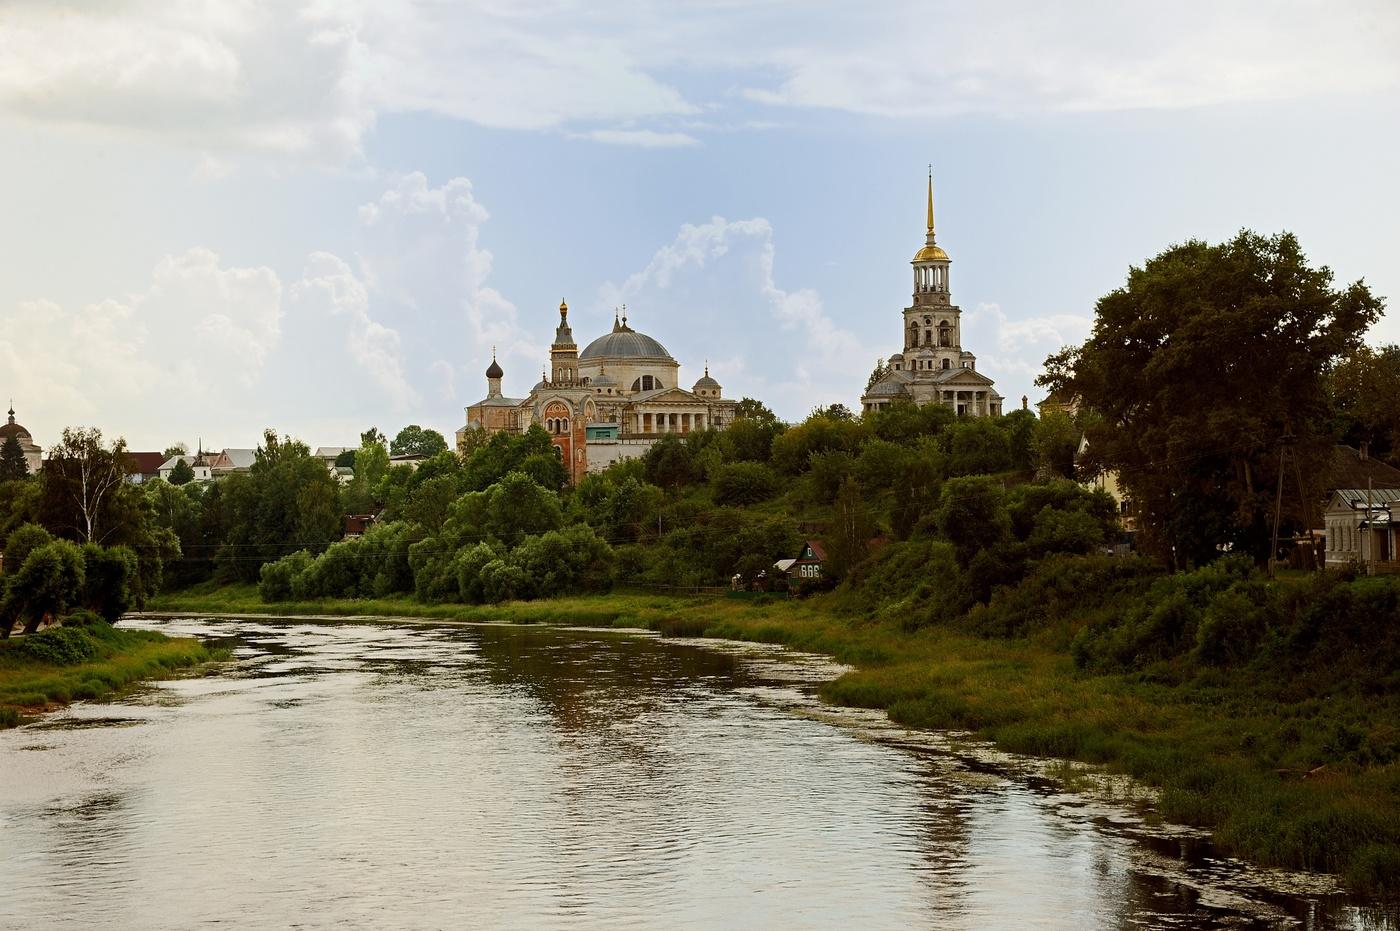 последние пару борисоглебский монастырь торжок фото луиза-мы сами понимали